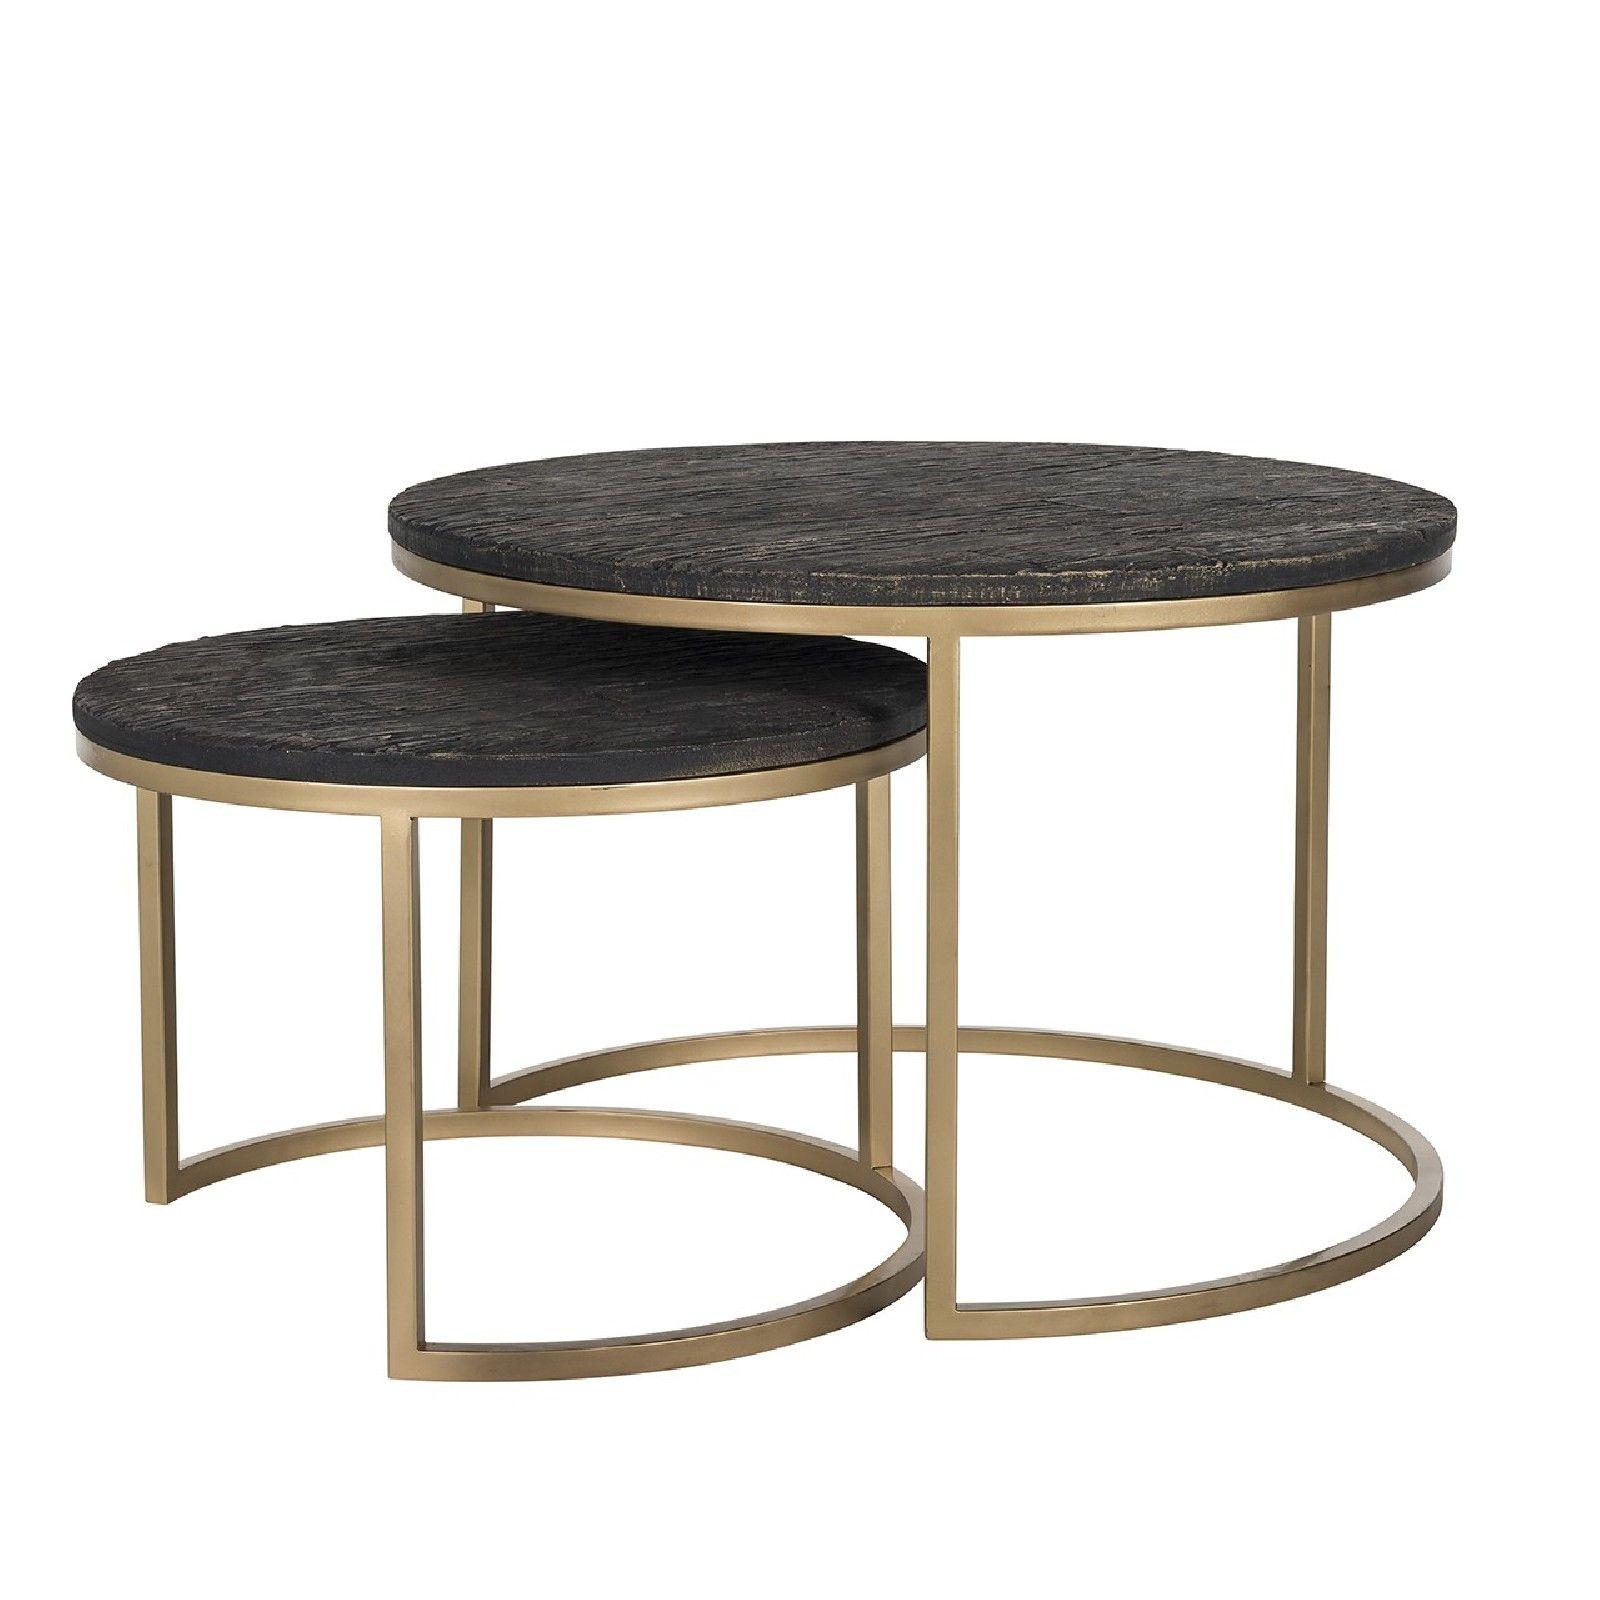 Table de salon Belfort set de 2 rond Tables basses rondes - 17